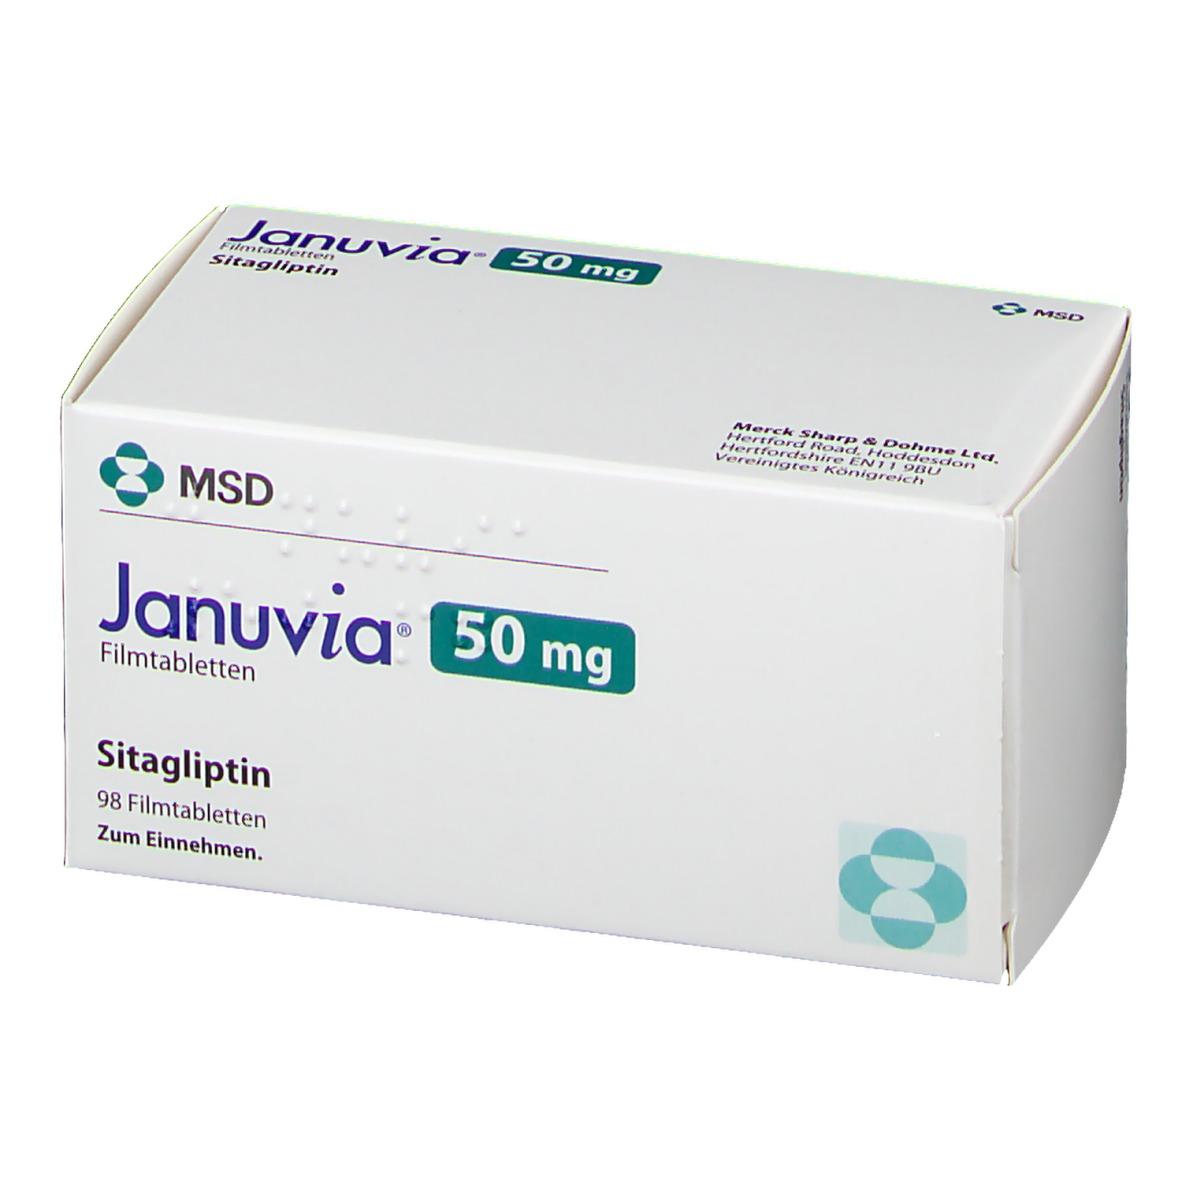 JANUVIA 50 mg 98 St - shop-apotheke.com